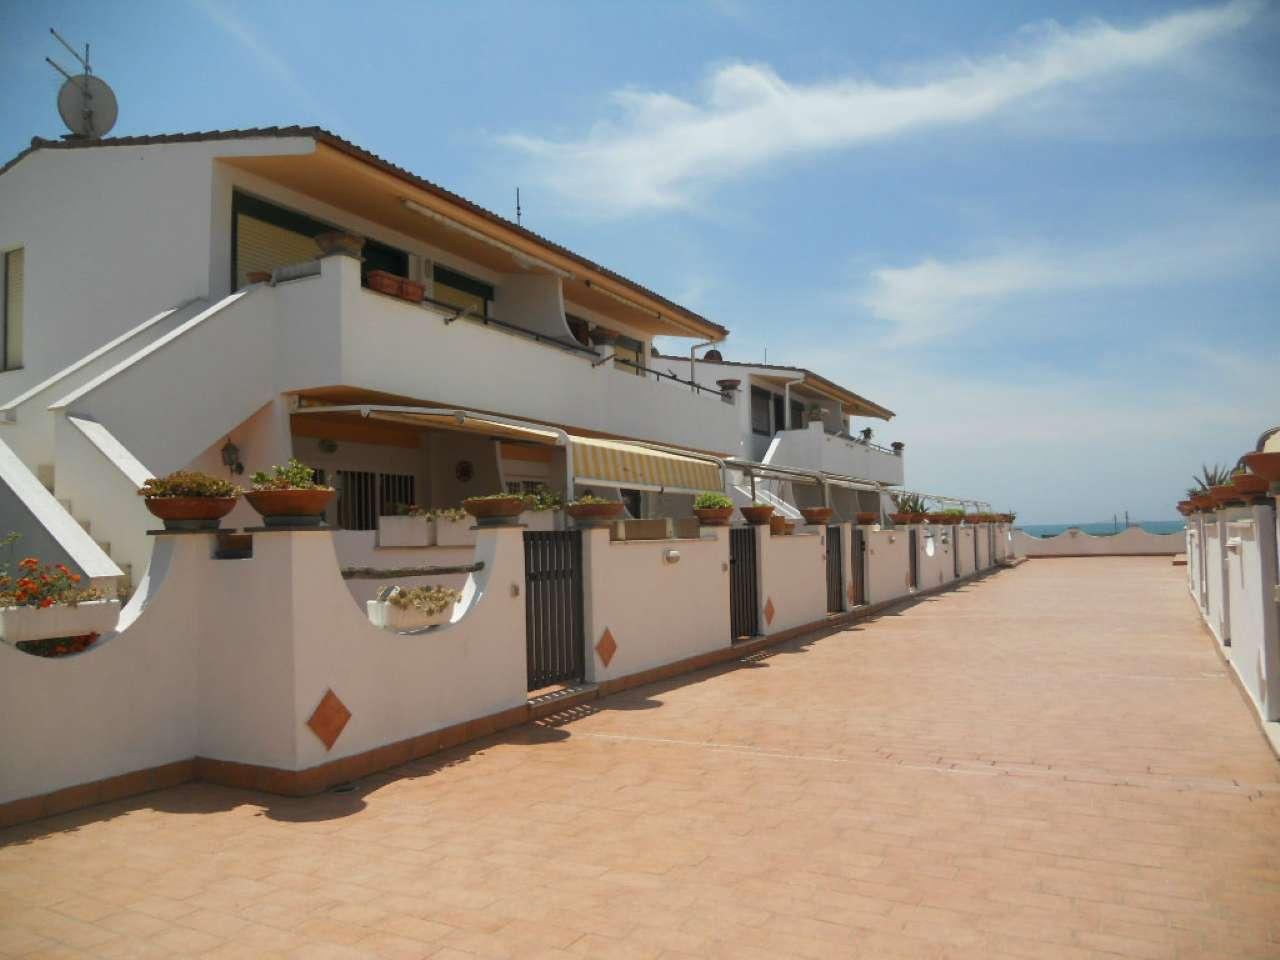 Appartamento in vendita a Ardea, 3 locali, prezzo € 110.000 | CambioCasa.it